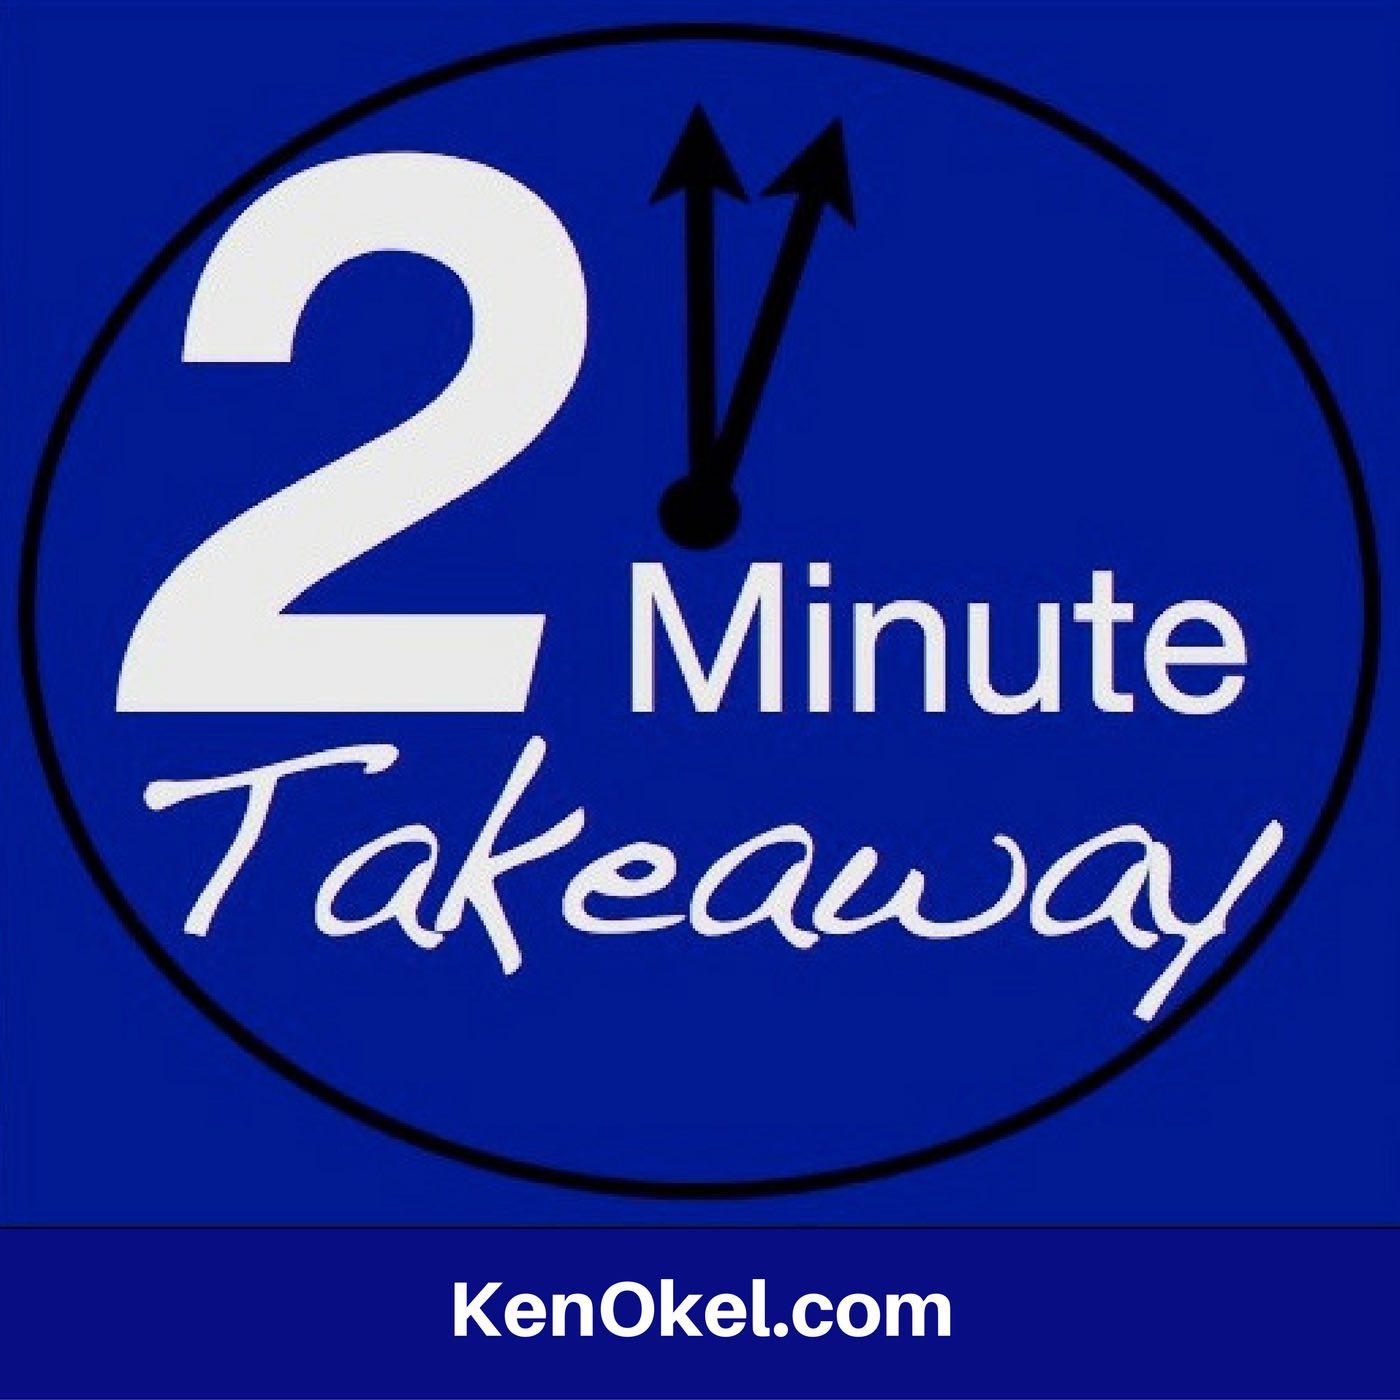 Blog – Ken Okel